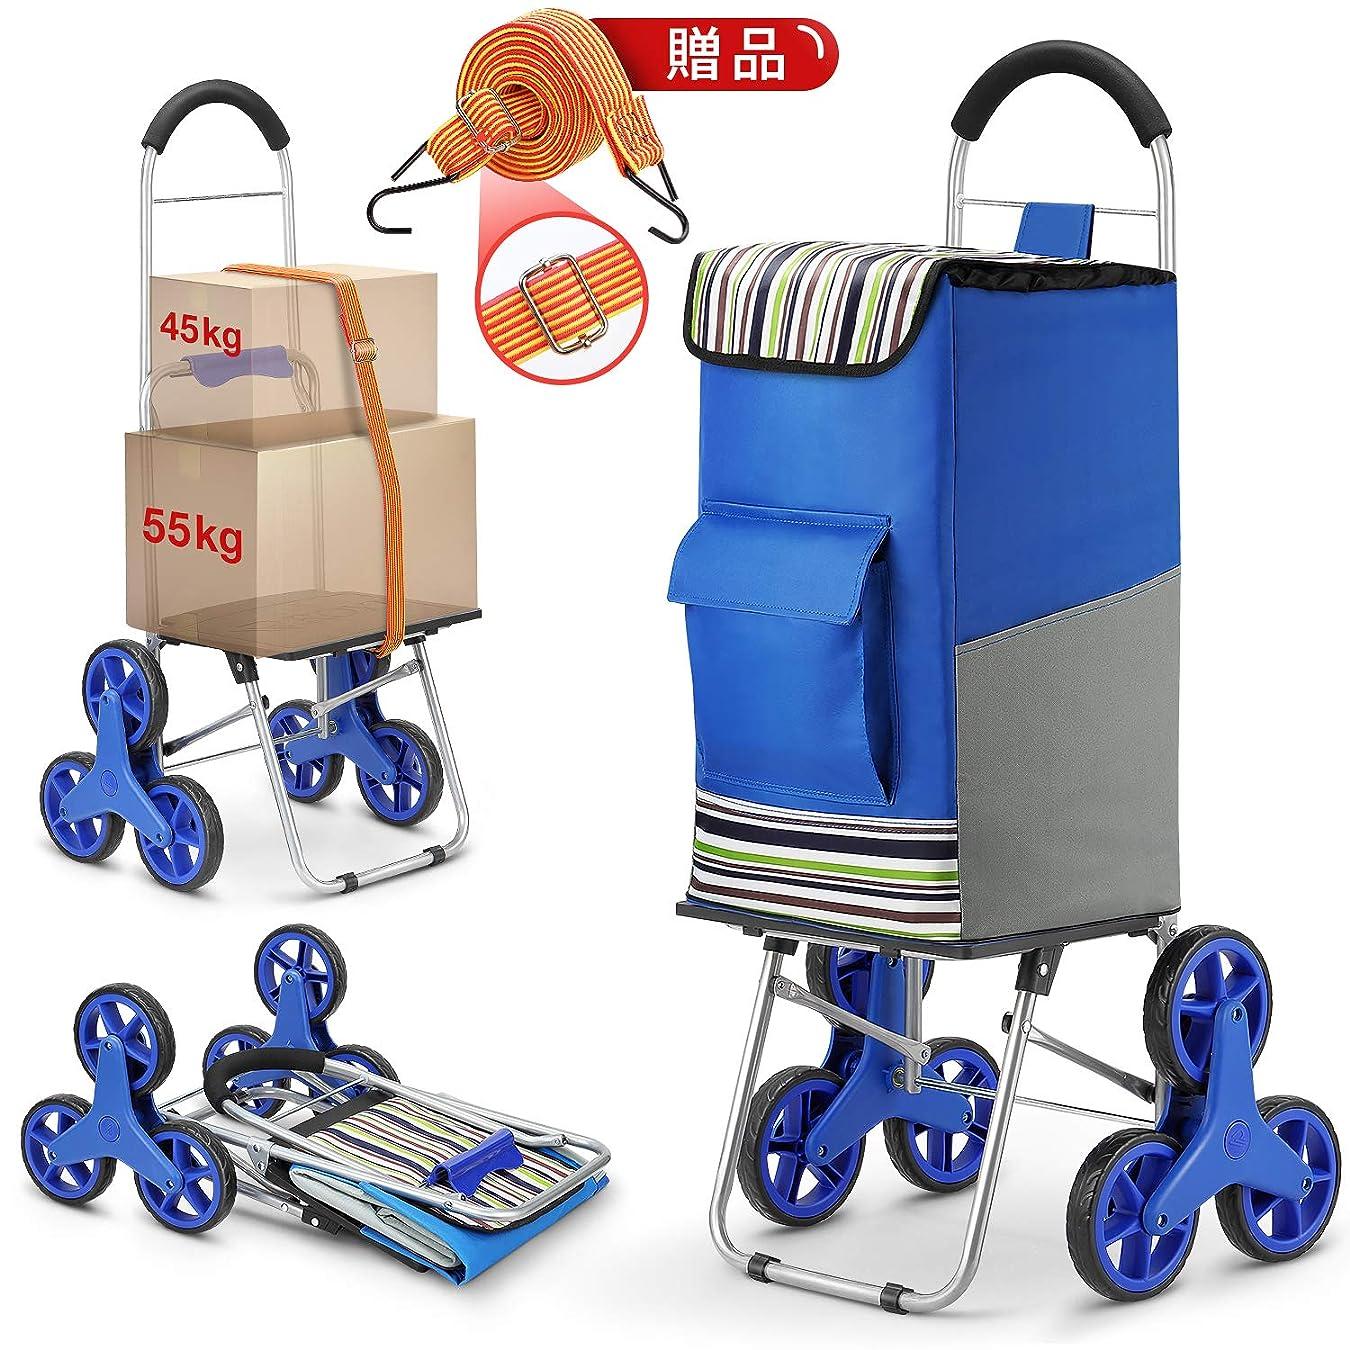 気体の重要頑張るキャリーカート ショッピングカート 買い物カート ハンドキャリー大容量75L ショッピングバッグ 折り畳み 敬老の日 ブルー 贈り物: 荷台用 ゴムひも